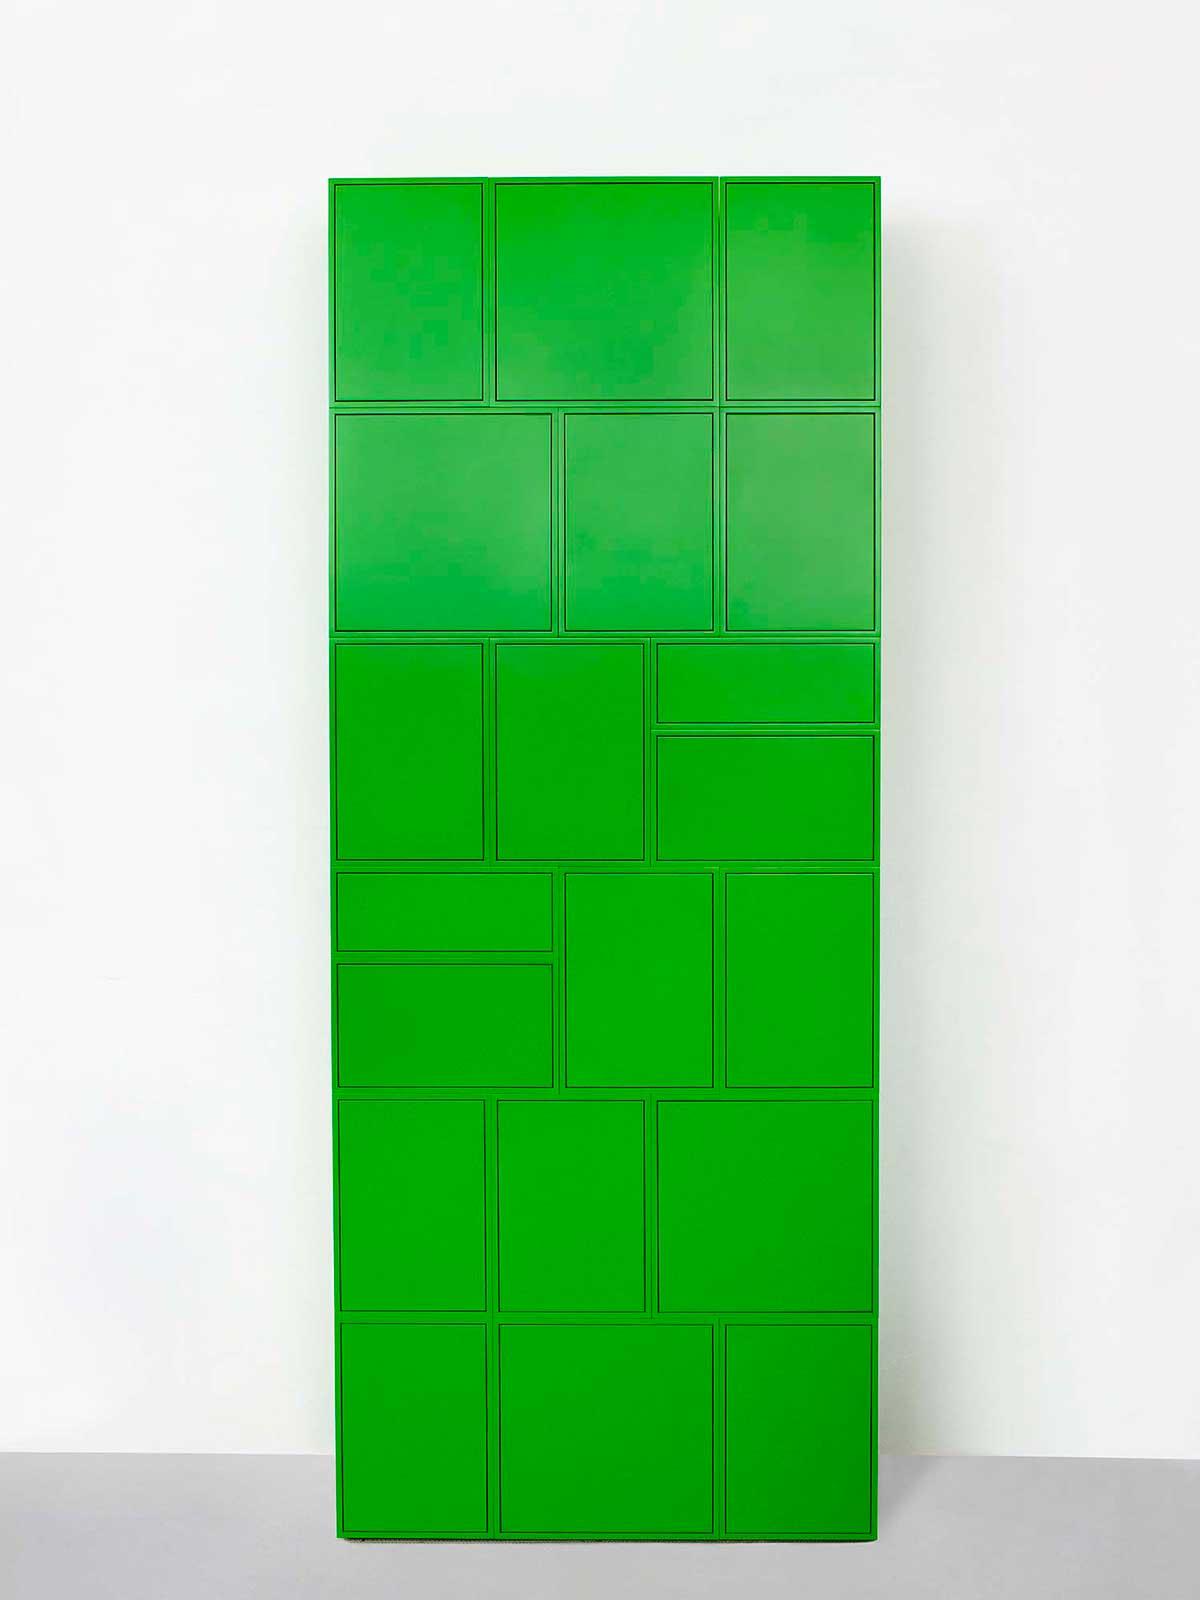 Étagère verte entièrement fermée avec portes et tiroirs